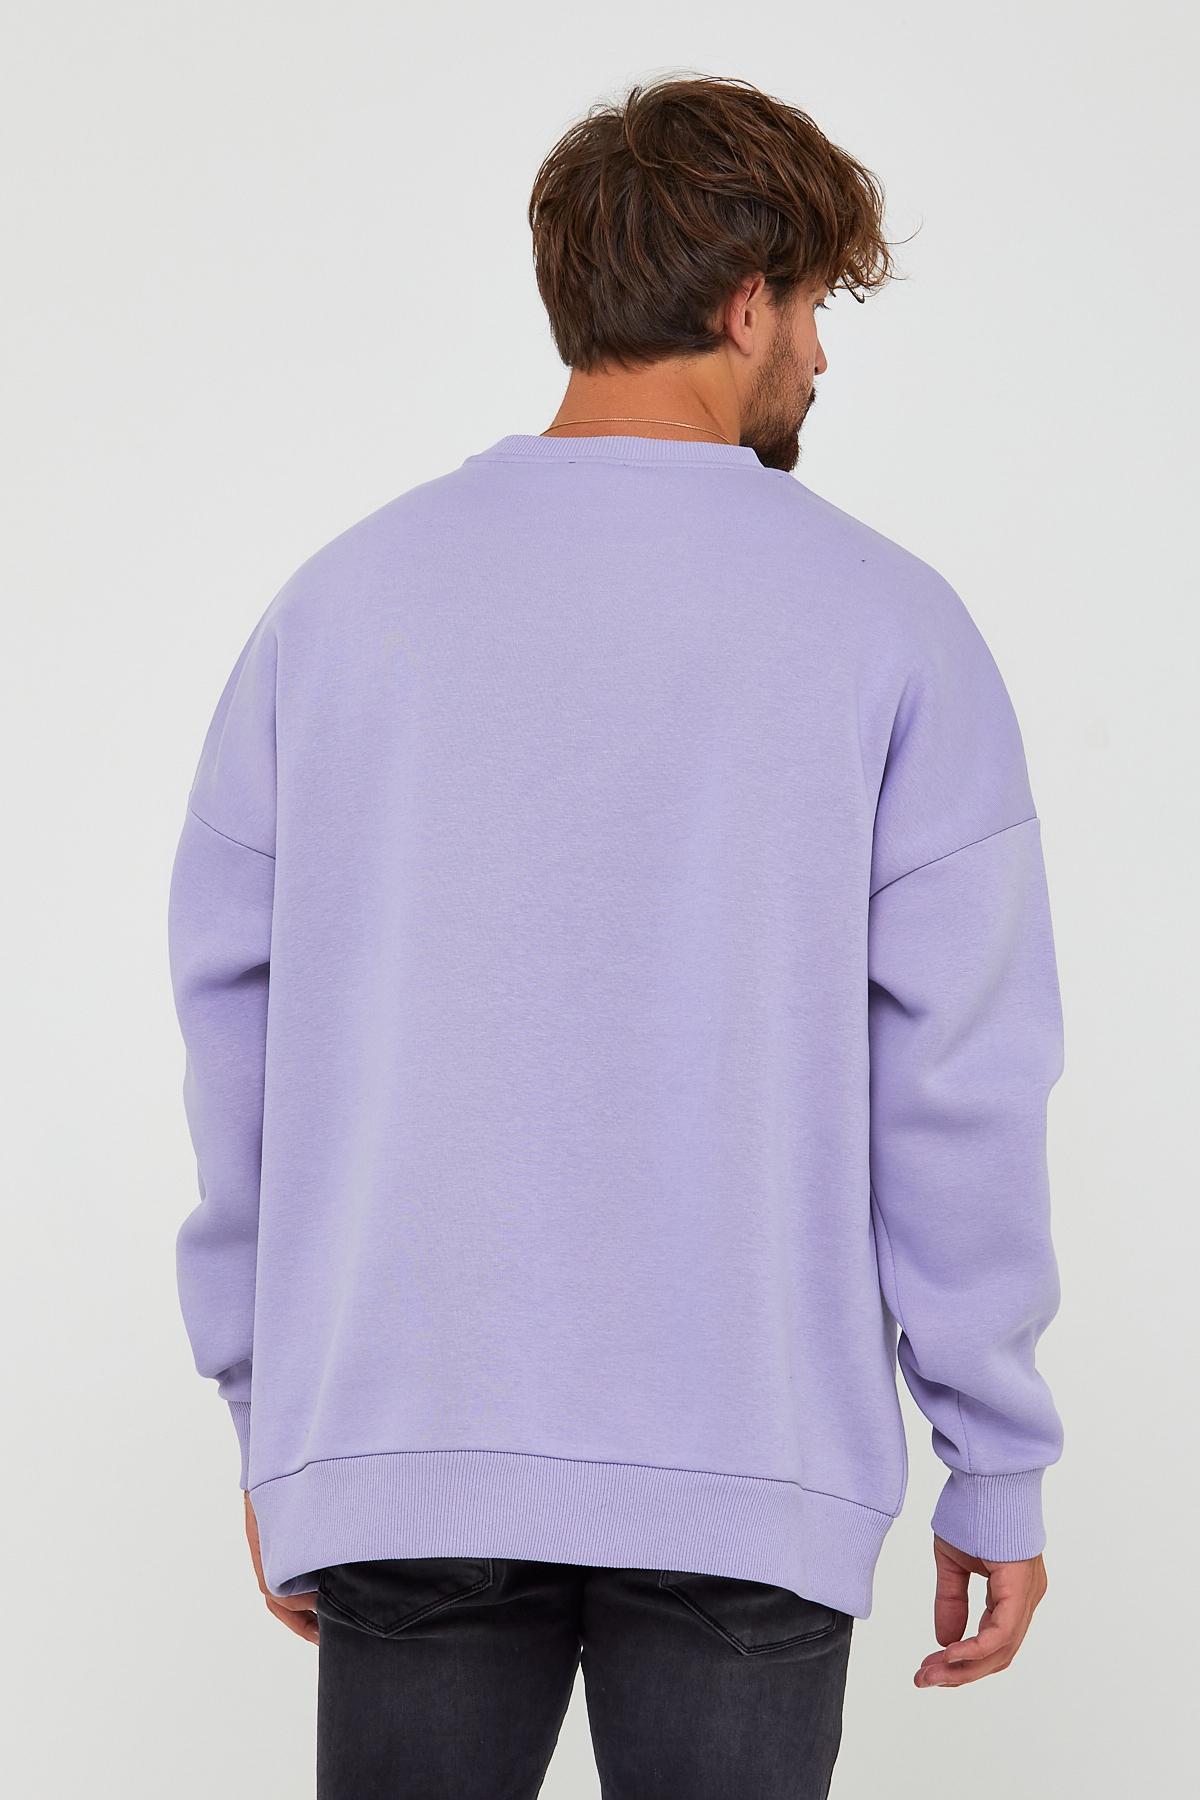 Lila Üç İplik Baskılı Sweatshirt 2KXE8-45500-55